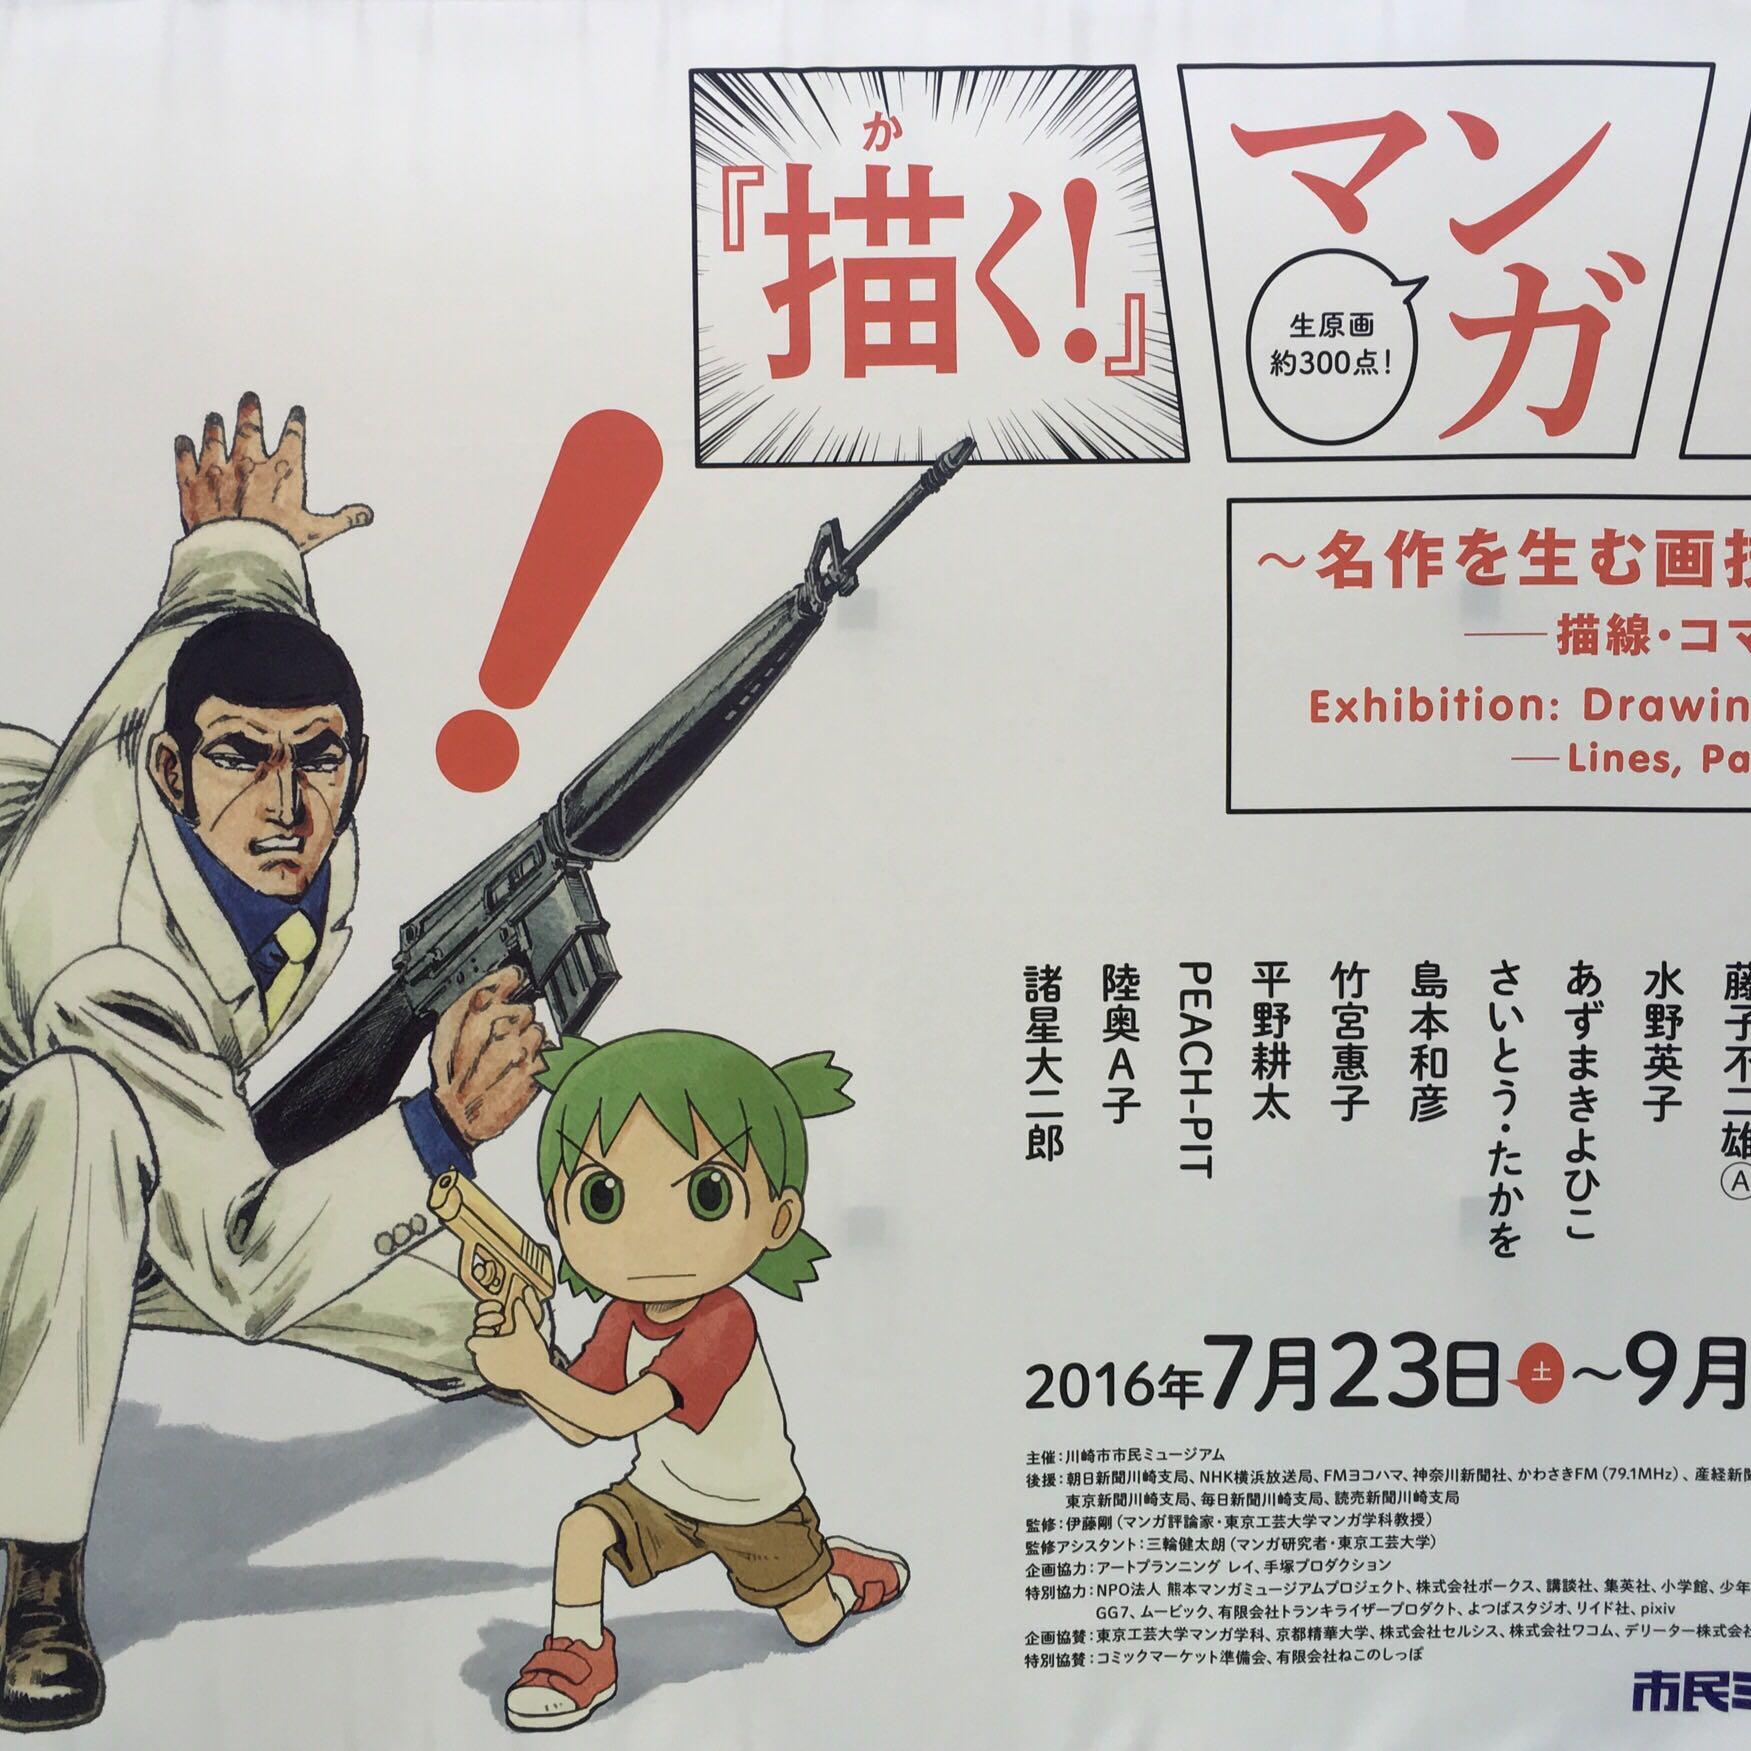 漫画好きな人にはオススメ!川崎市民ミュージアム『「描く!」マンガ展』が面白かったよ!!